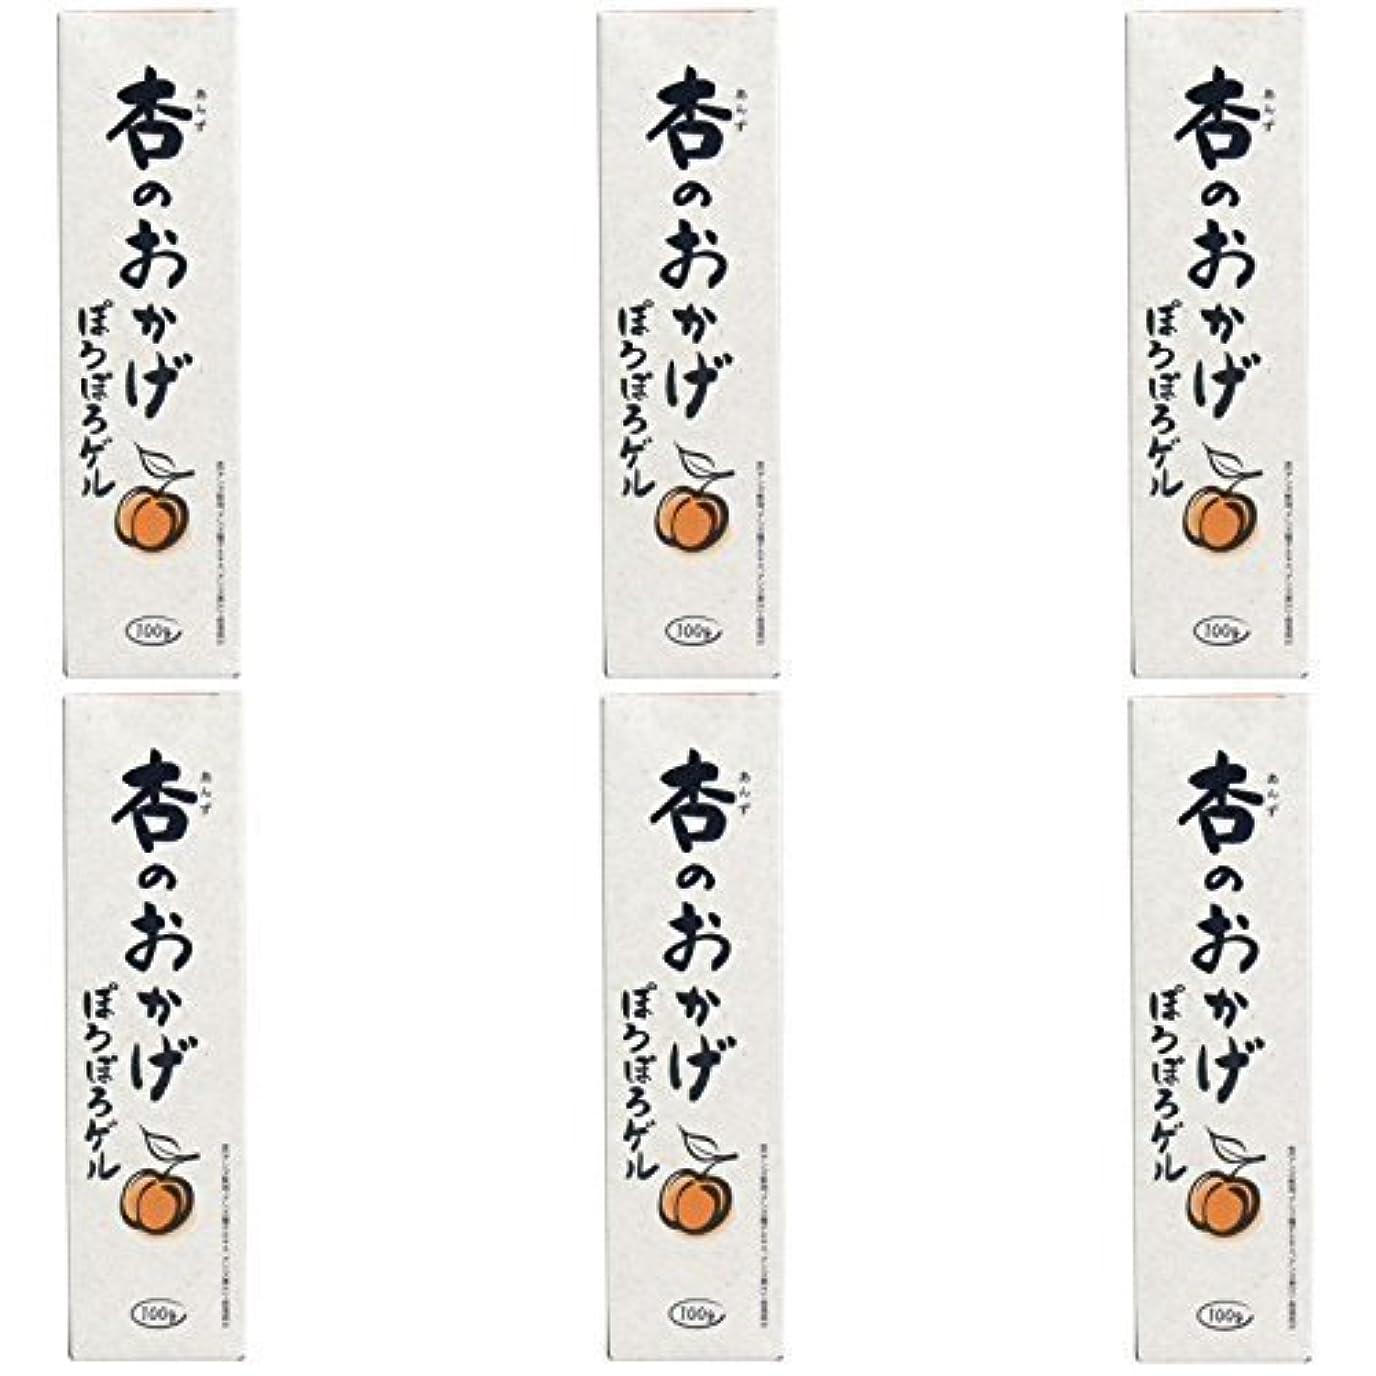 差情熱テセウス【まとめ買い】杏のおかげ ぽろぽろゲル 100g【×6個】